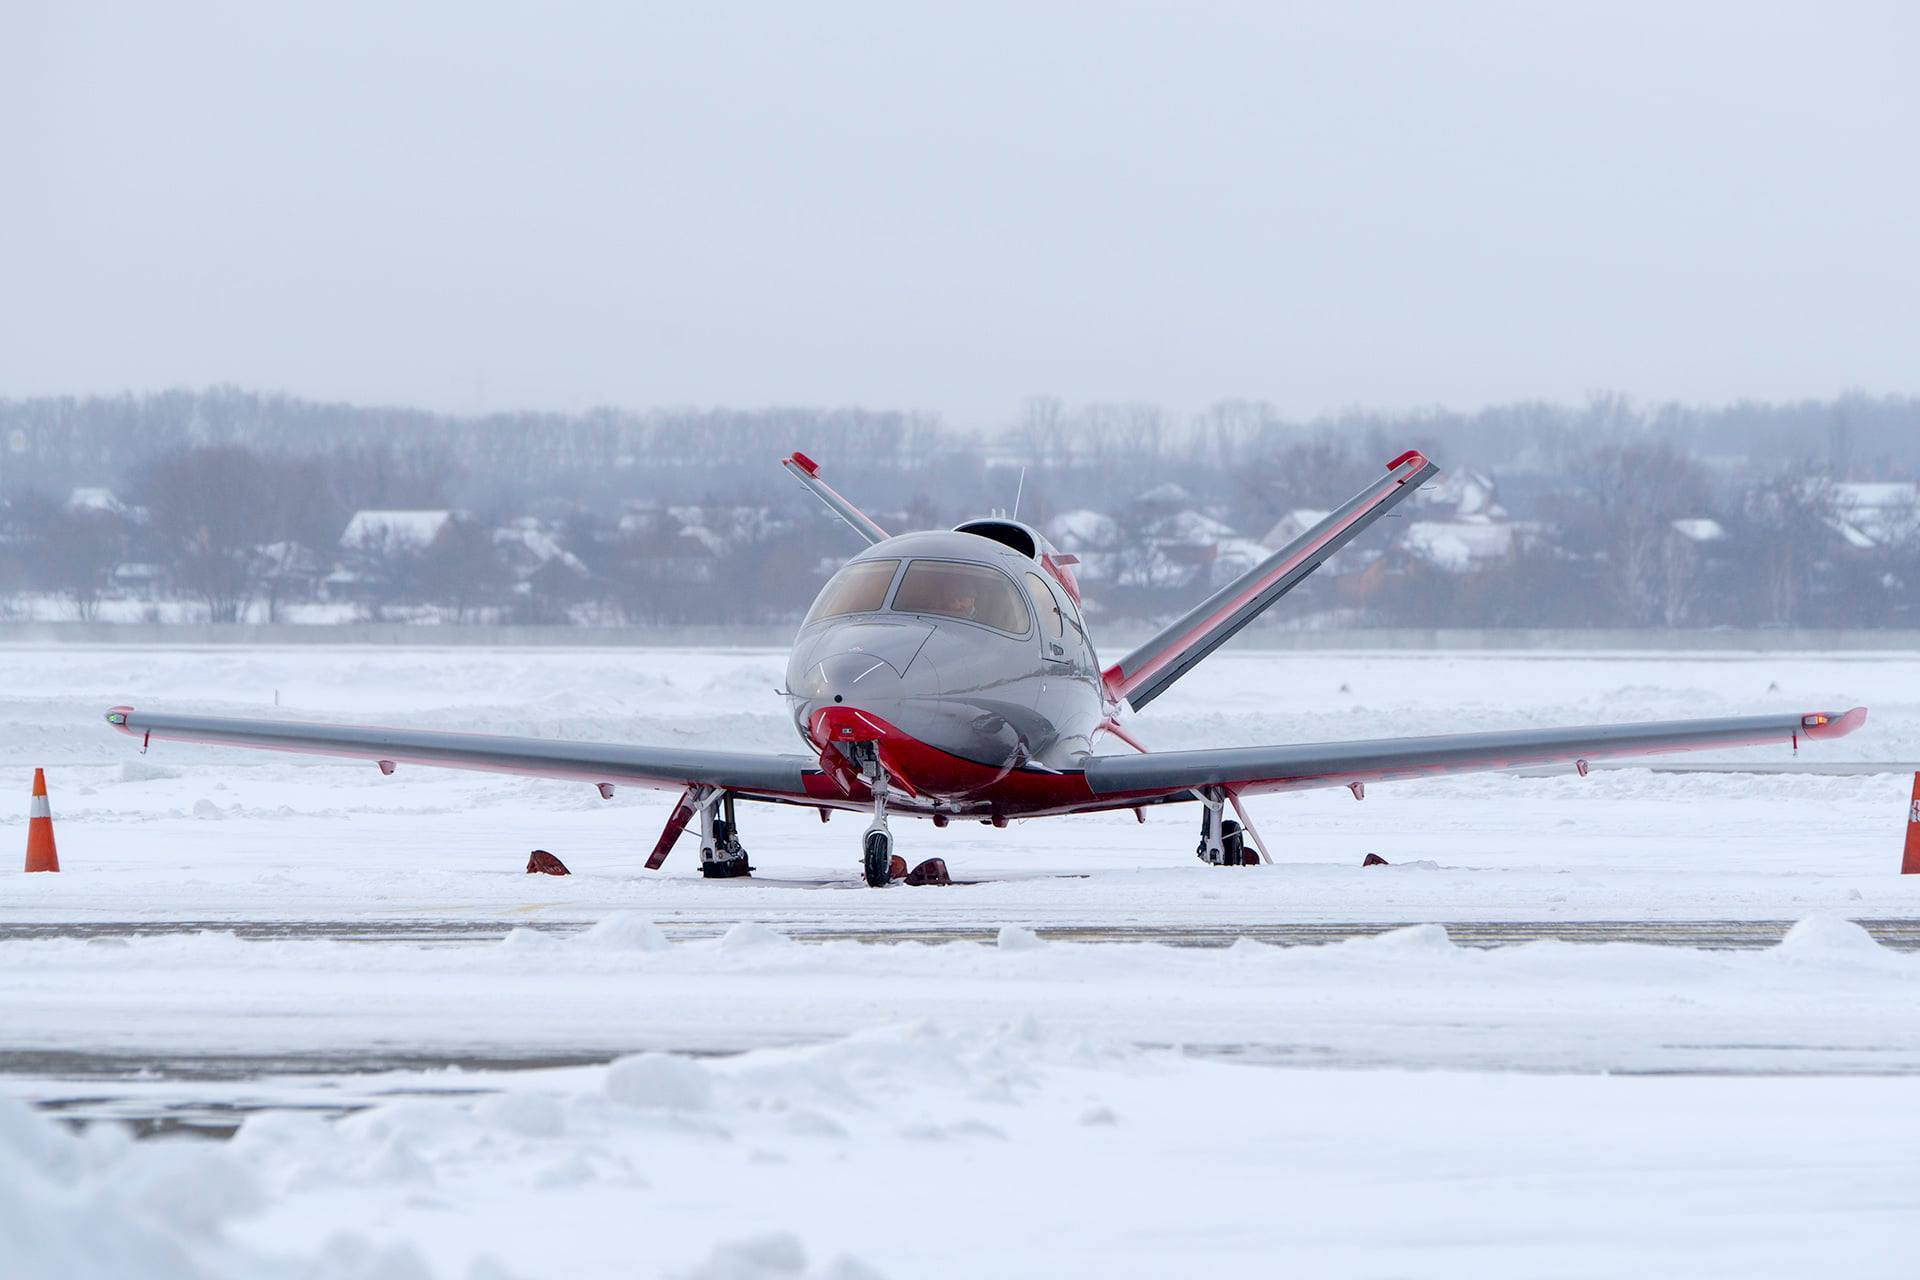 В аэропорту Киева заметили самый маленький реактивный самолет в мире.